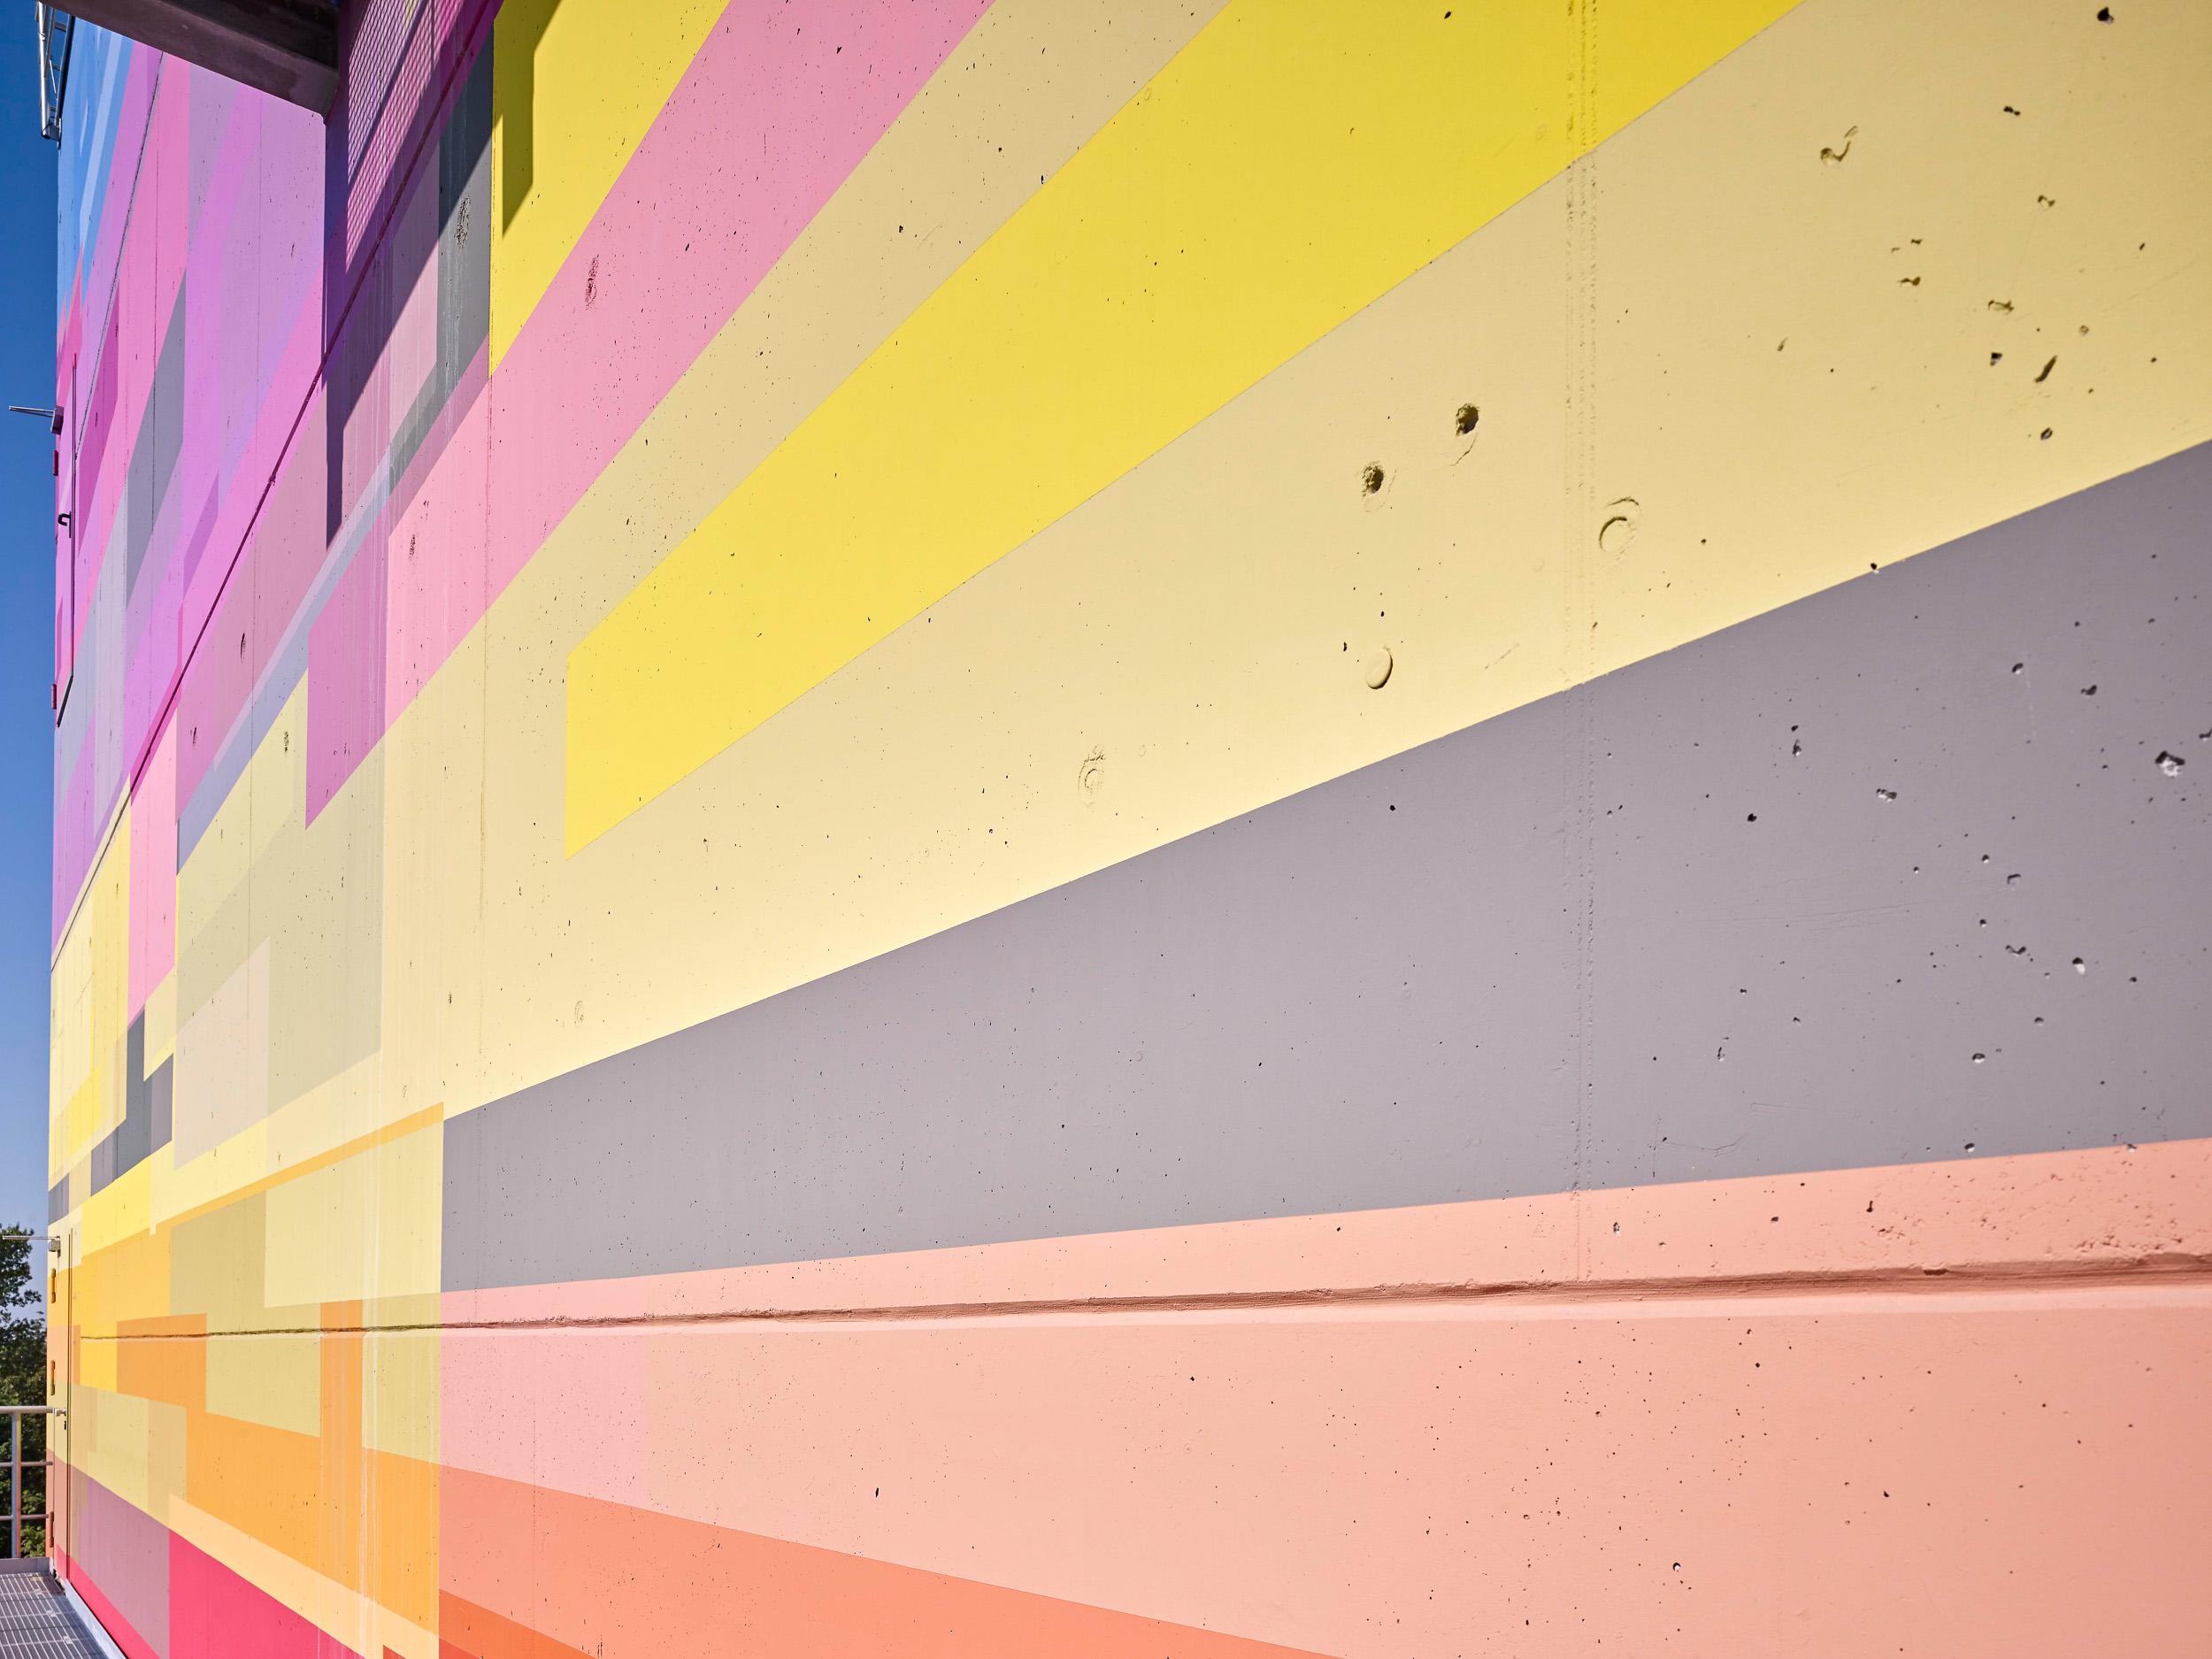 Fassadengestaltung-Industrie-ludwigshafen-bunt-design-professionell.jpg